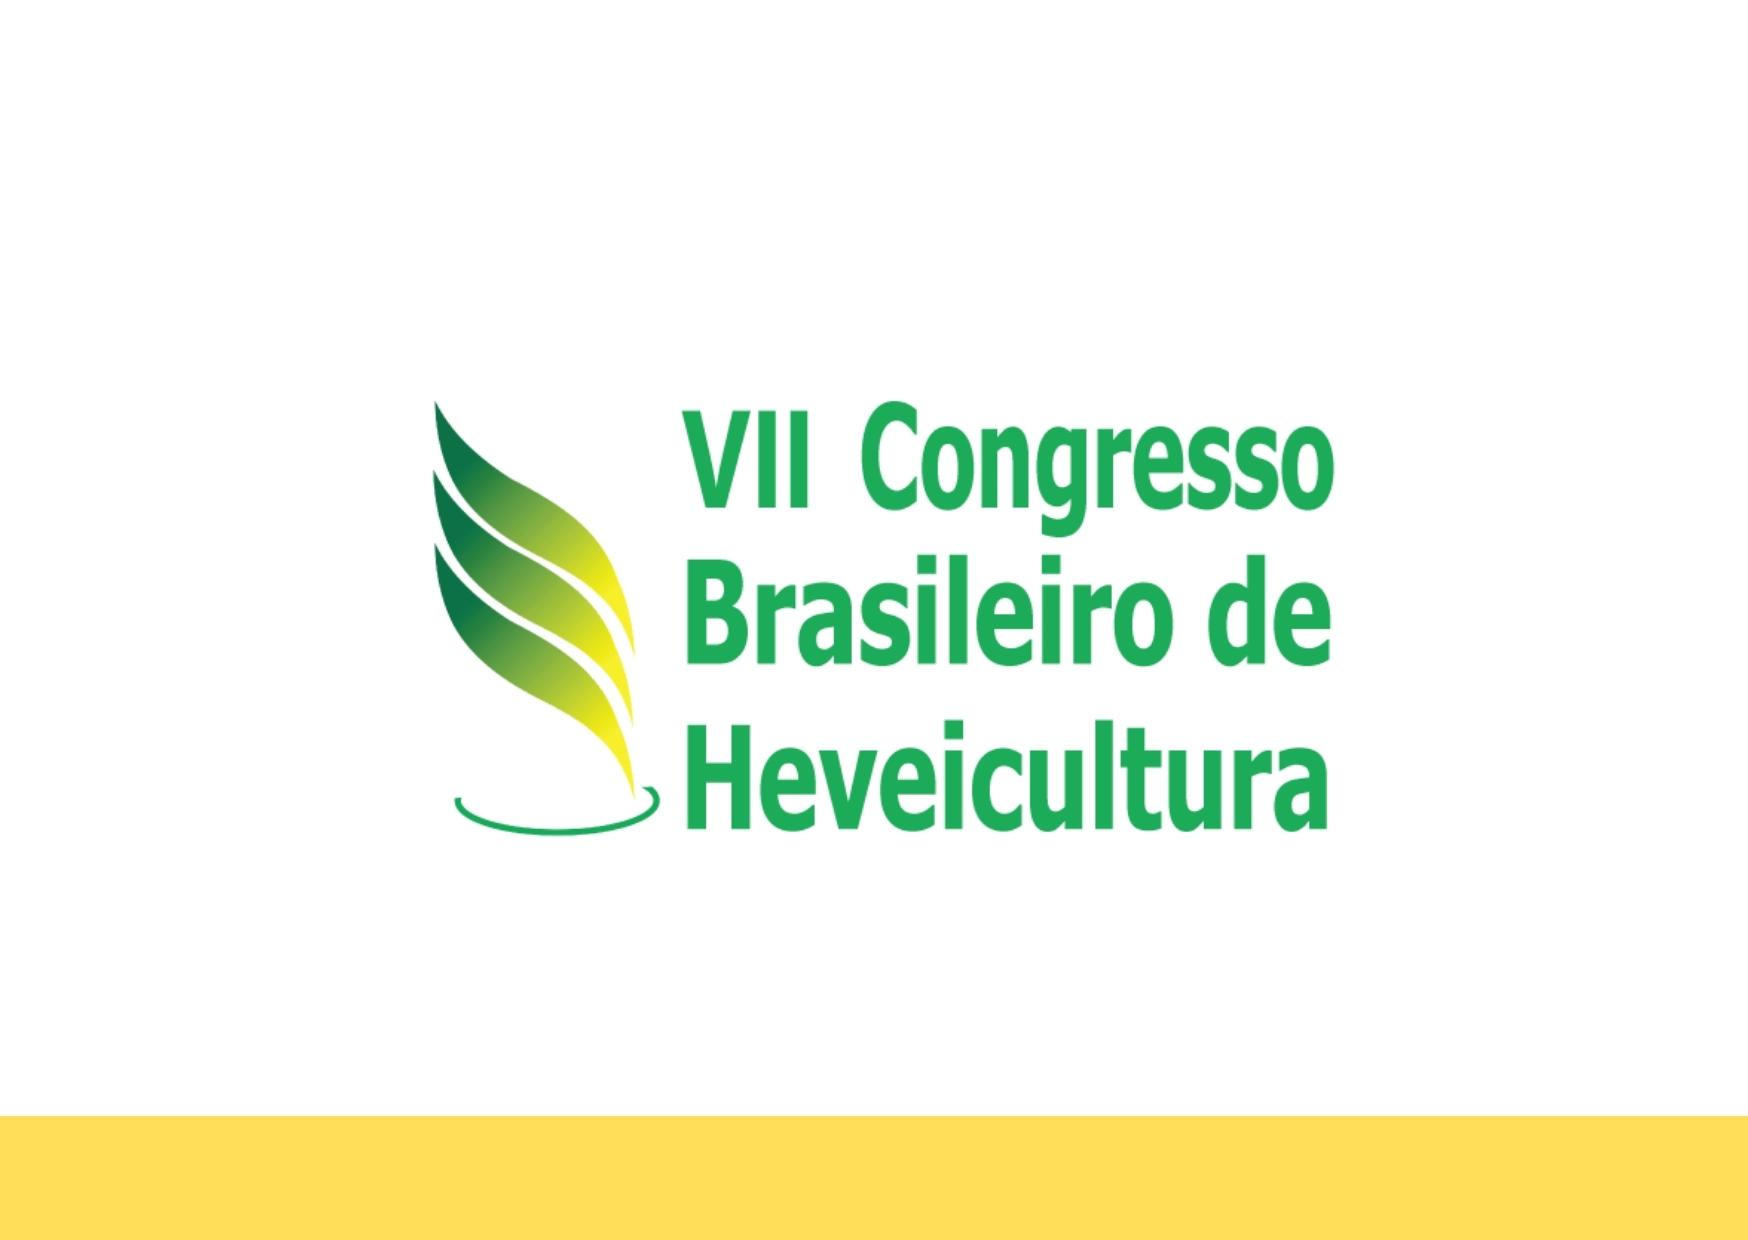 Congresso Brasileiro de Heveicultura